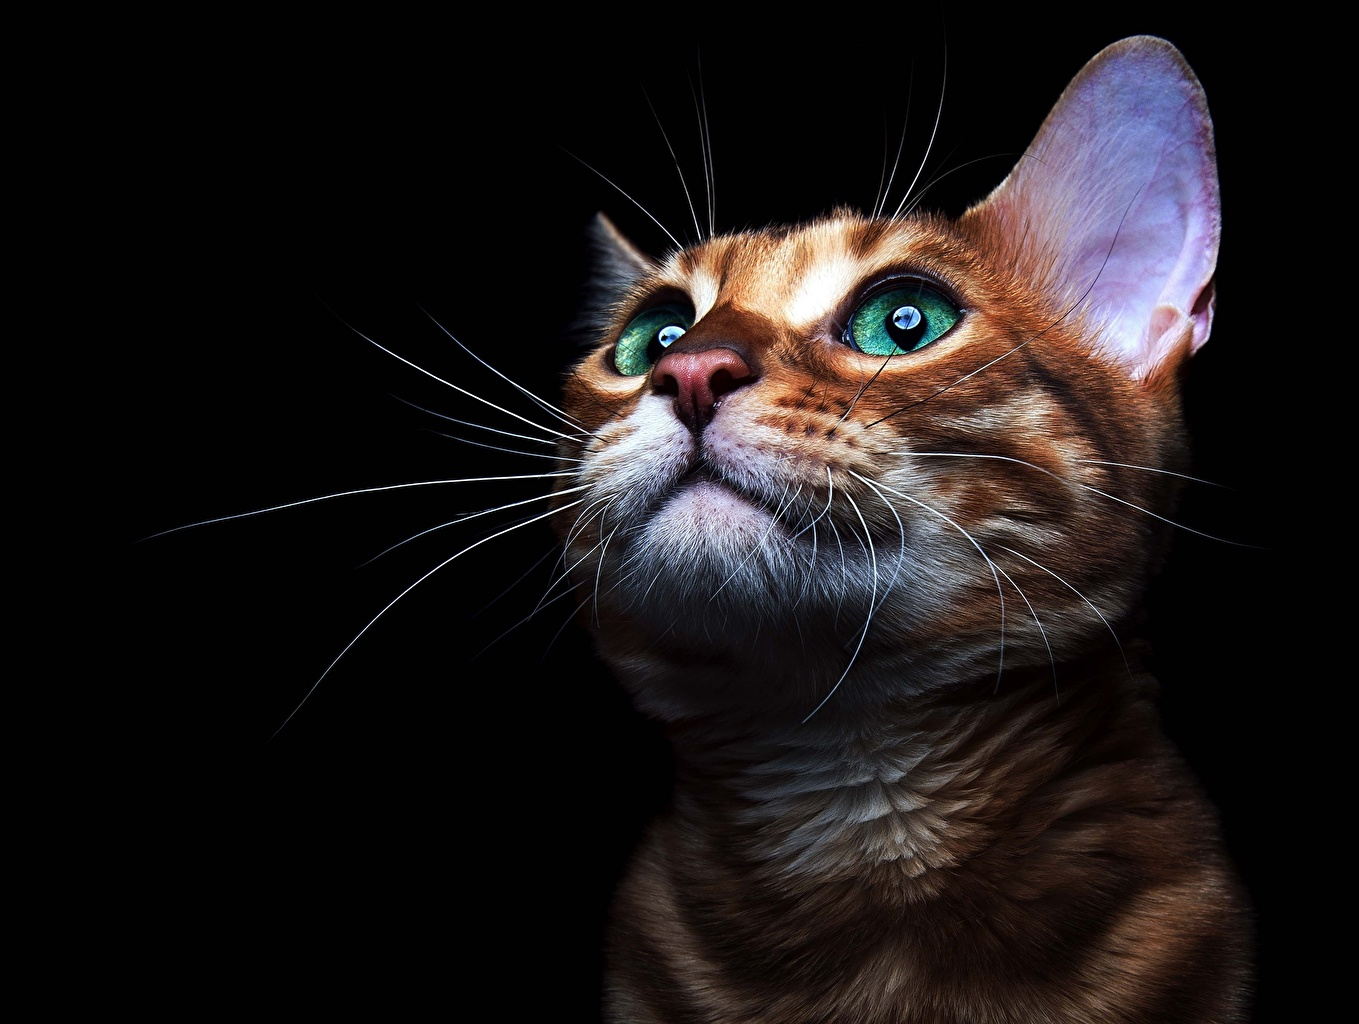 Картинки коты Усы Вибриссы морды Взгляд Животные Черный фон кот кошка Кошки Морда смотрит смотрят животное на черном фоне